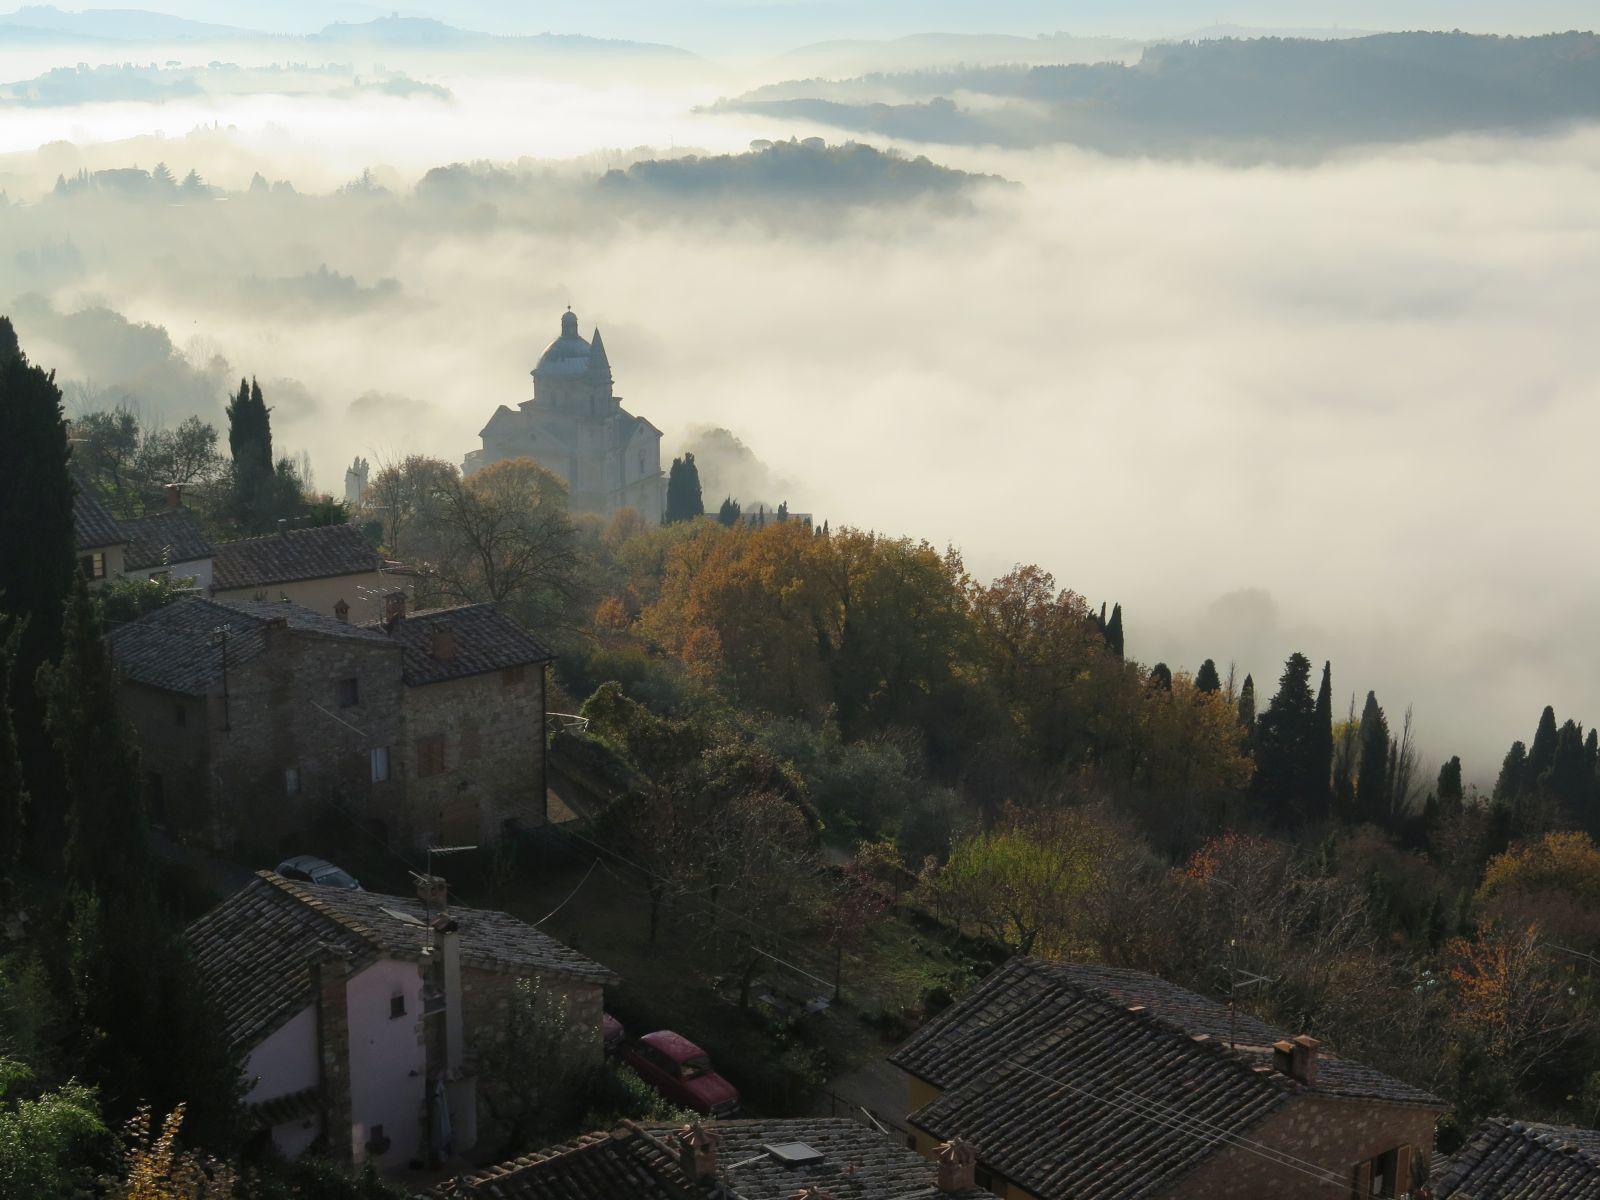 Montepulciano - Arte, cultura, tradizione del buon vivere